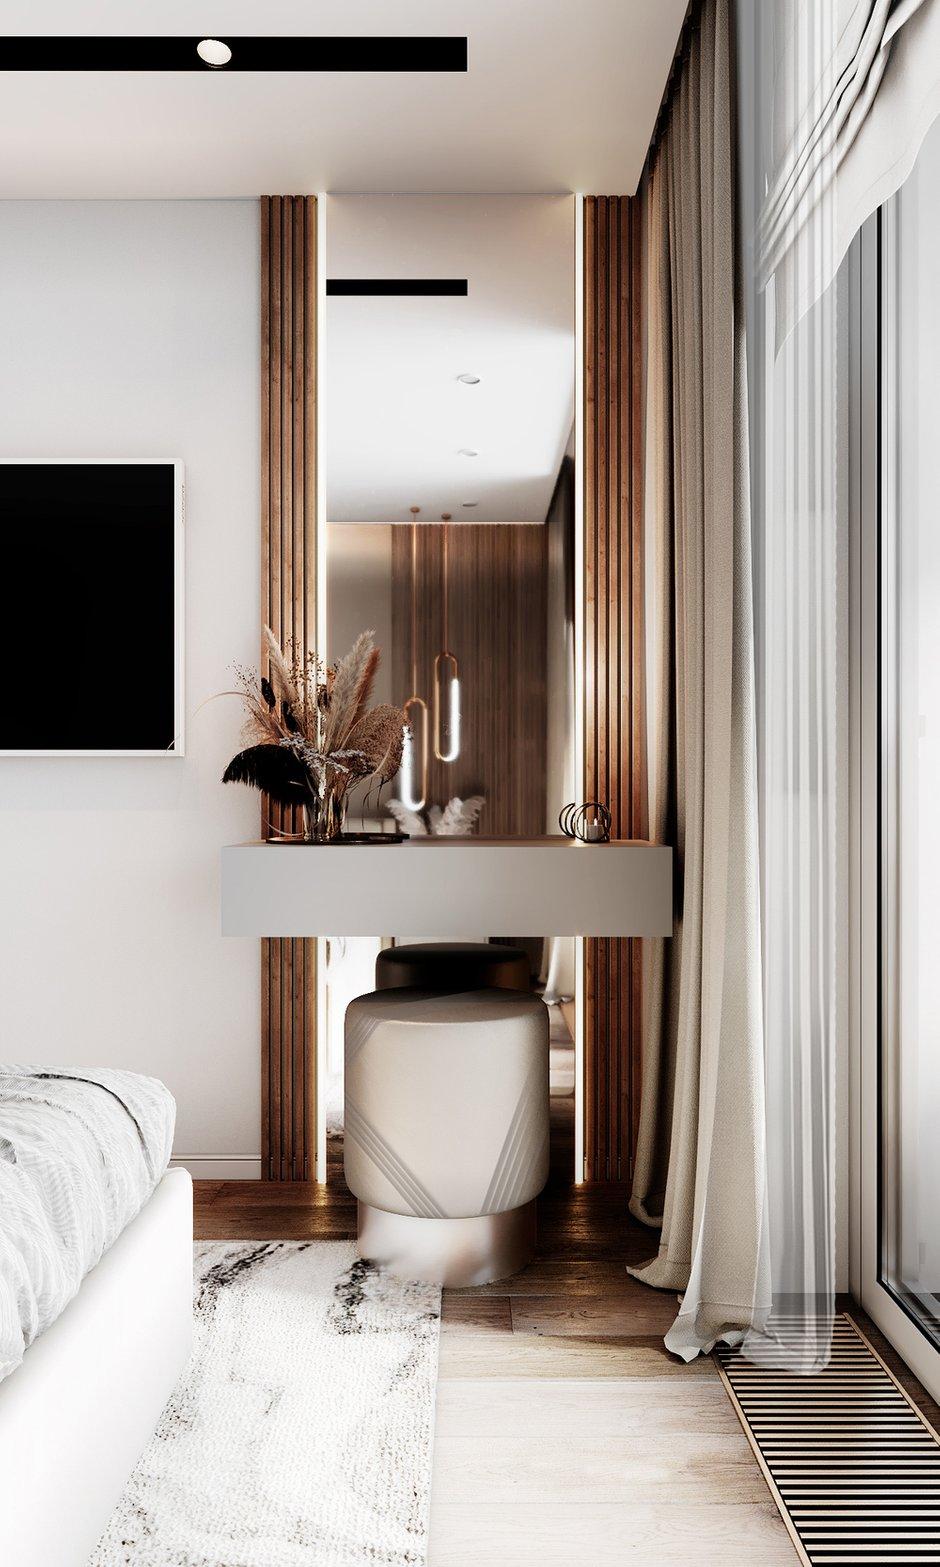 Фотография: Спальня в стиле Современный, Квартира, Проект недели, 3 комнаты, Более 90 метров, Люберцы, Александра Гартке – фото на INMYROOM